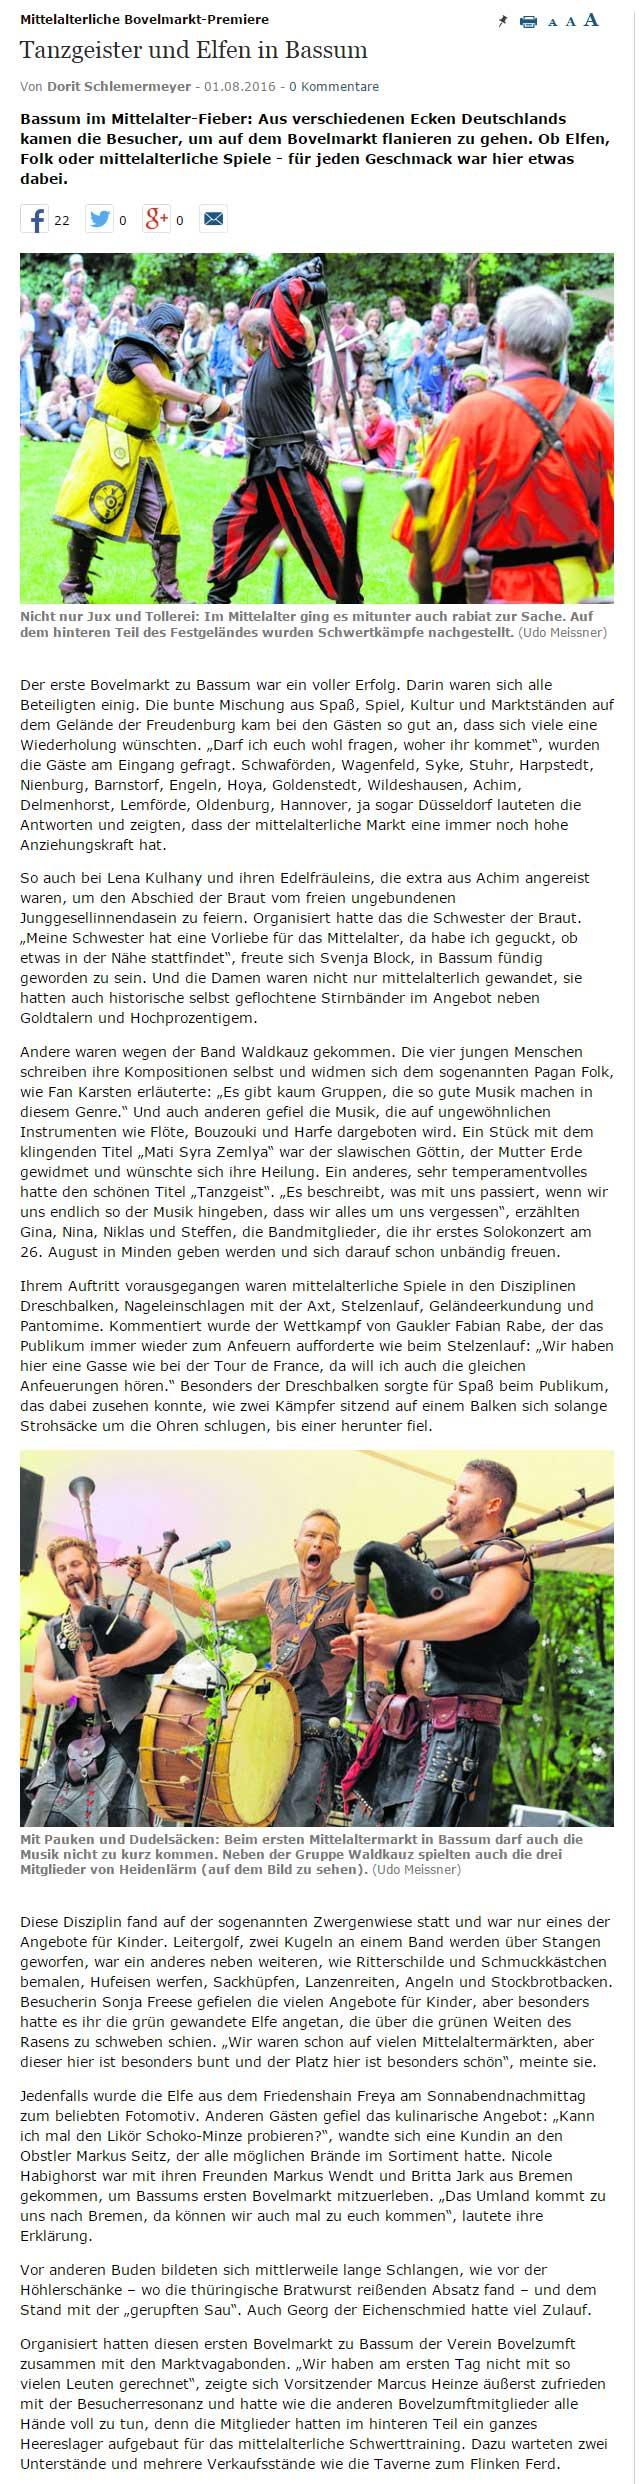 2016.08.01_Weser-Kurier